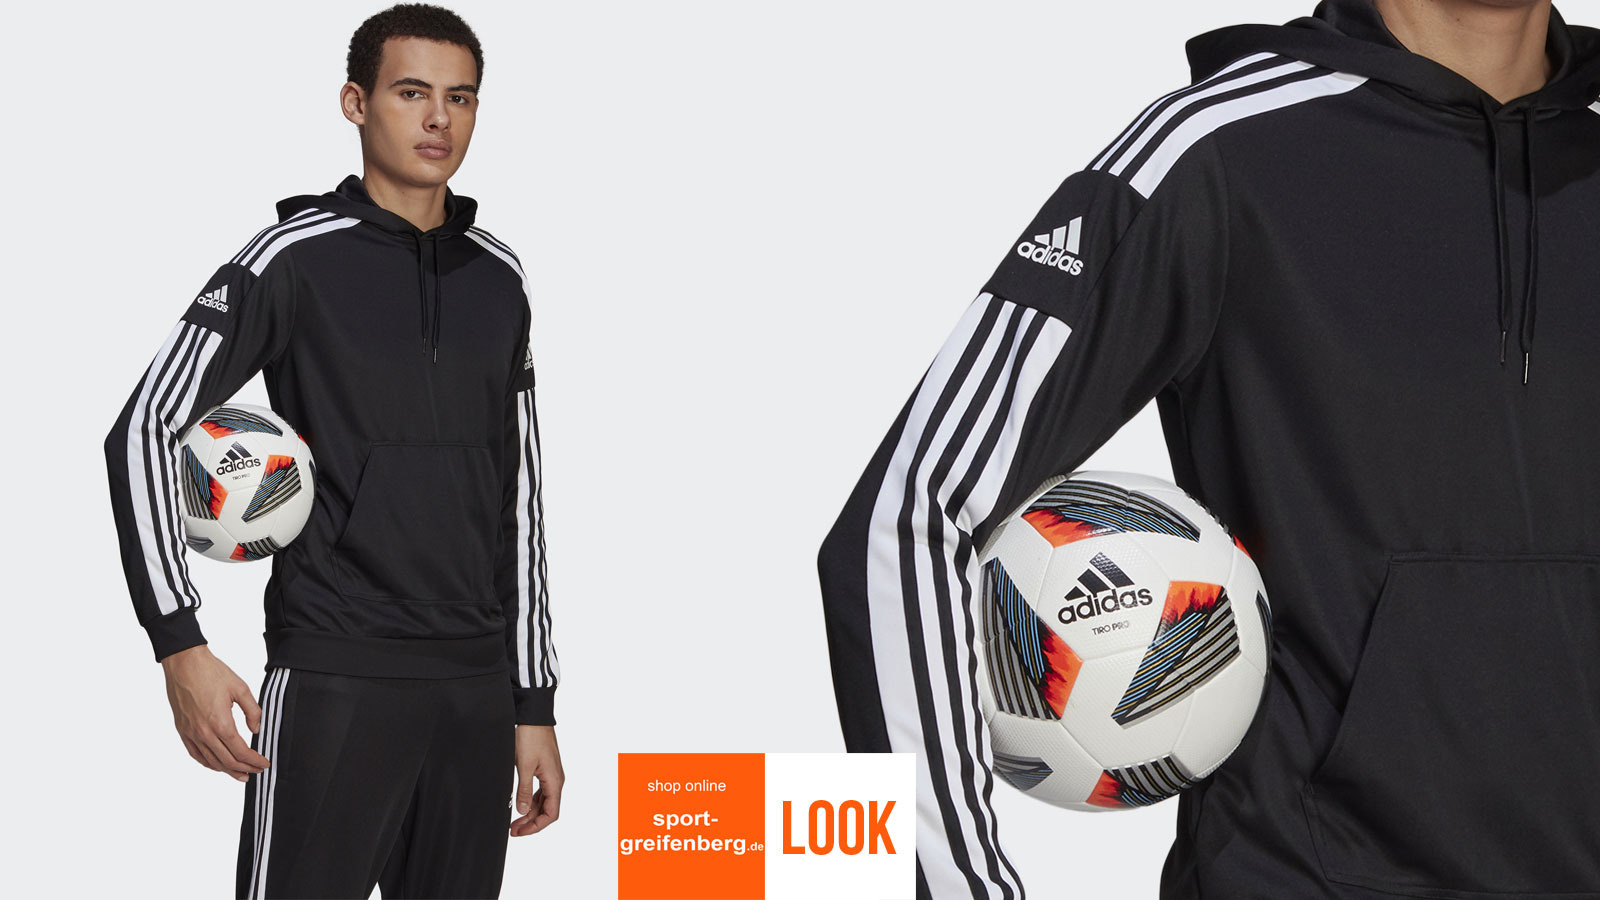 Das adidas Sport und Freizeit Outfit 3 Streifen